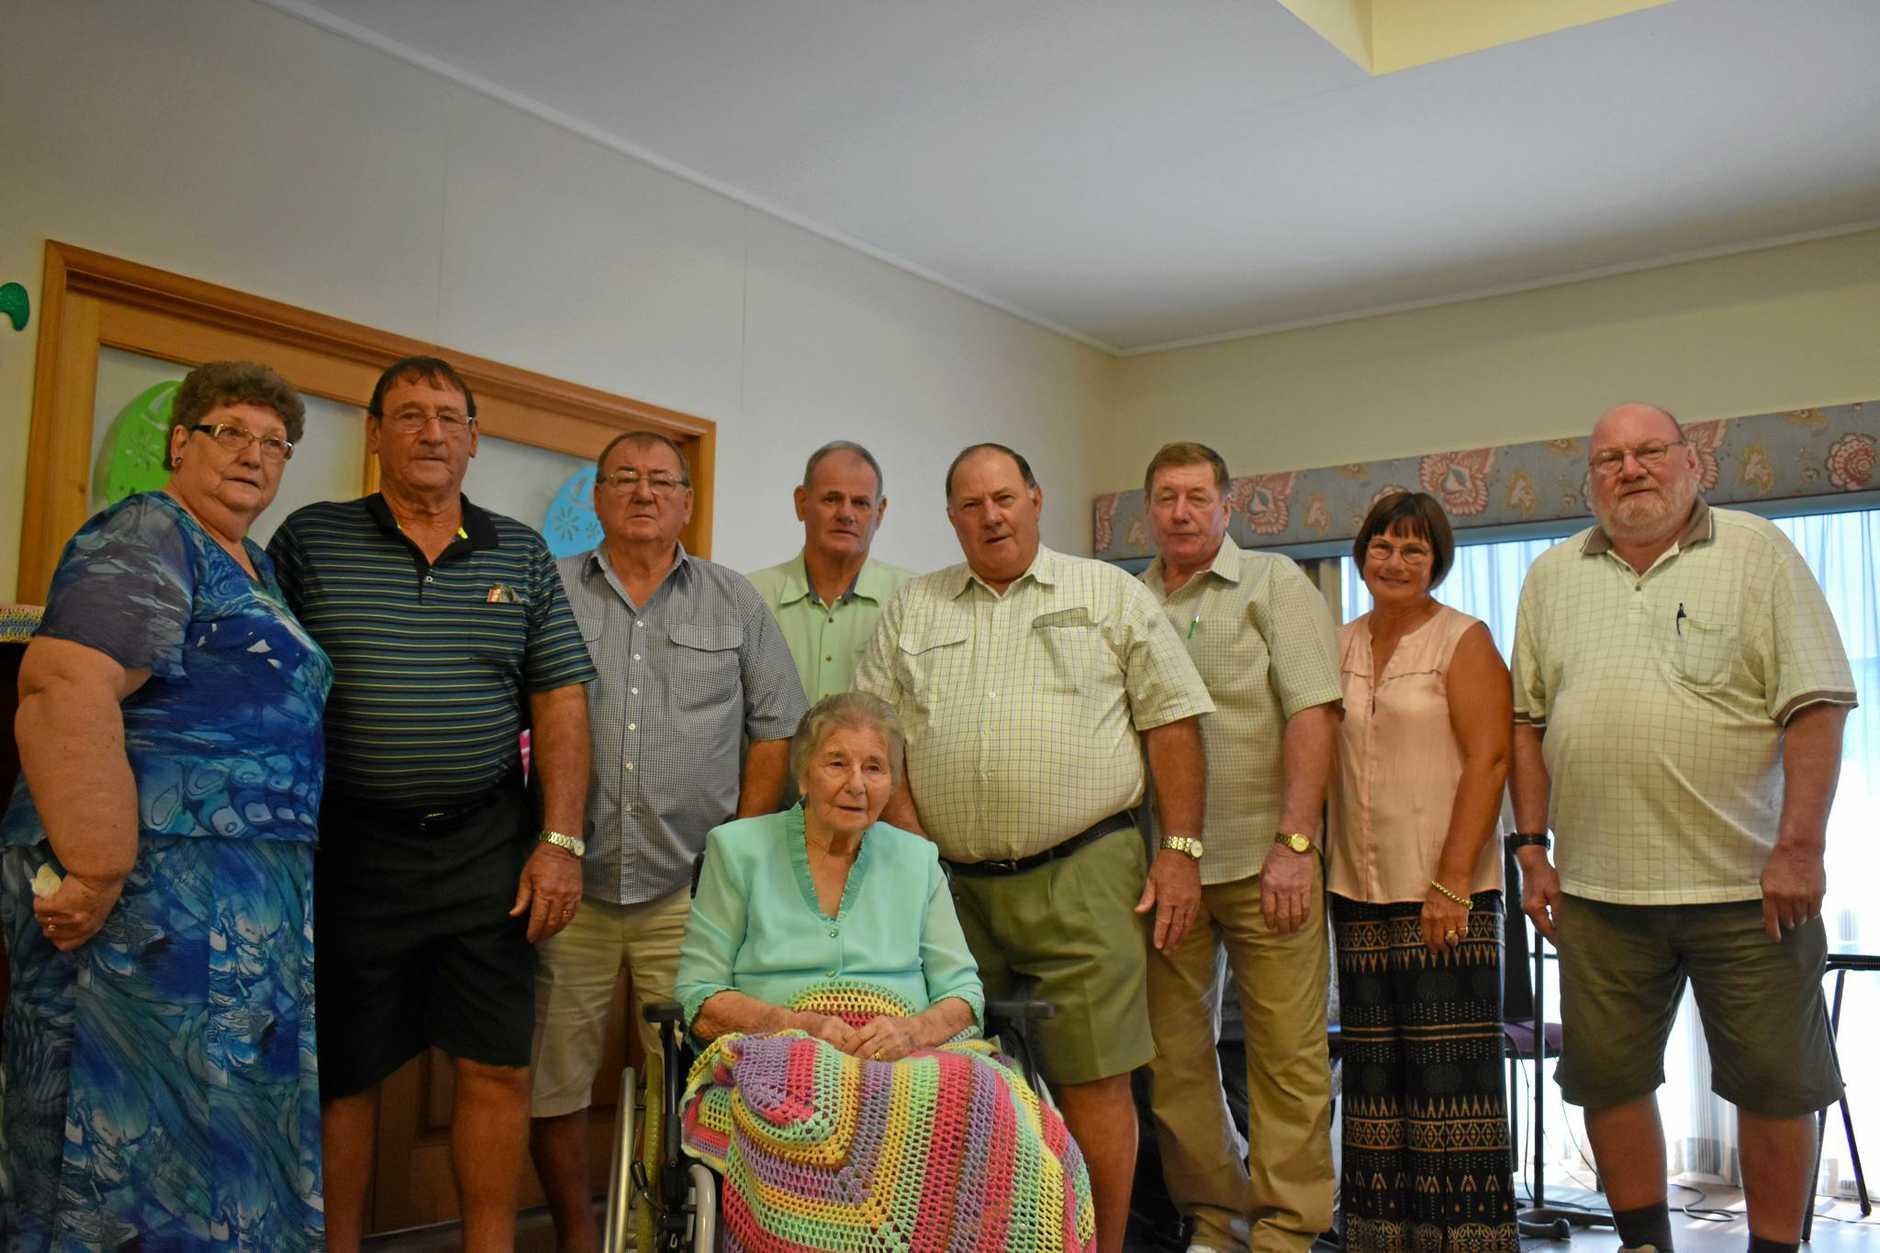 FAMILY: Joyce Fox, Jack Horne, Alan Horne, Graeme Horne, Ray Horne, Merv Horne, Aileen Buckley and Desmond Horne at their mother Myrtle Horne's 100th birthday.